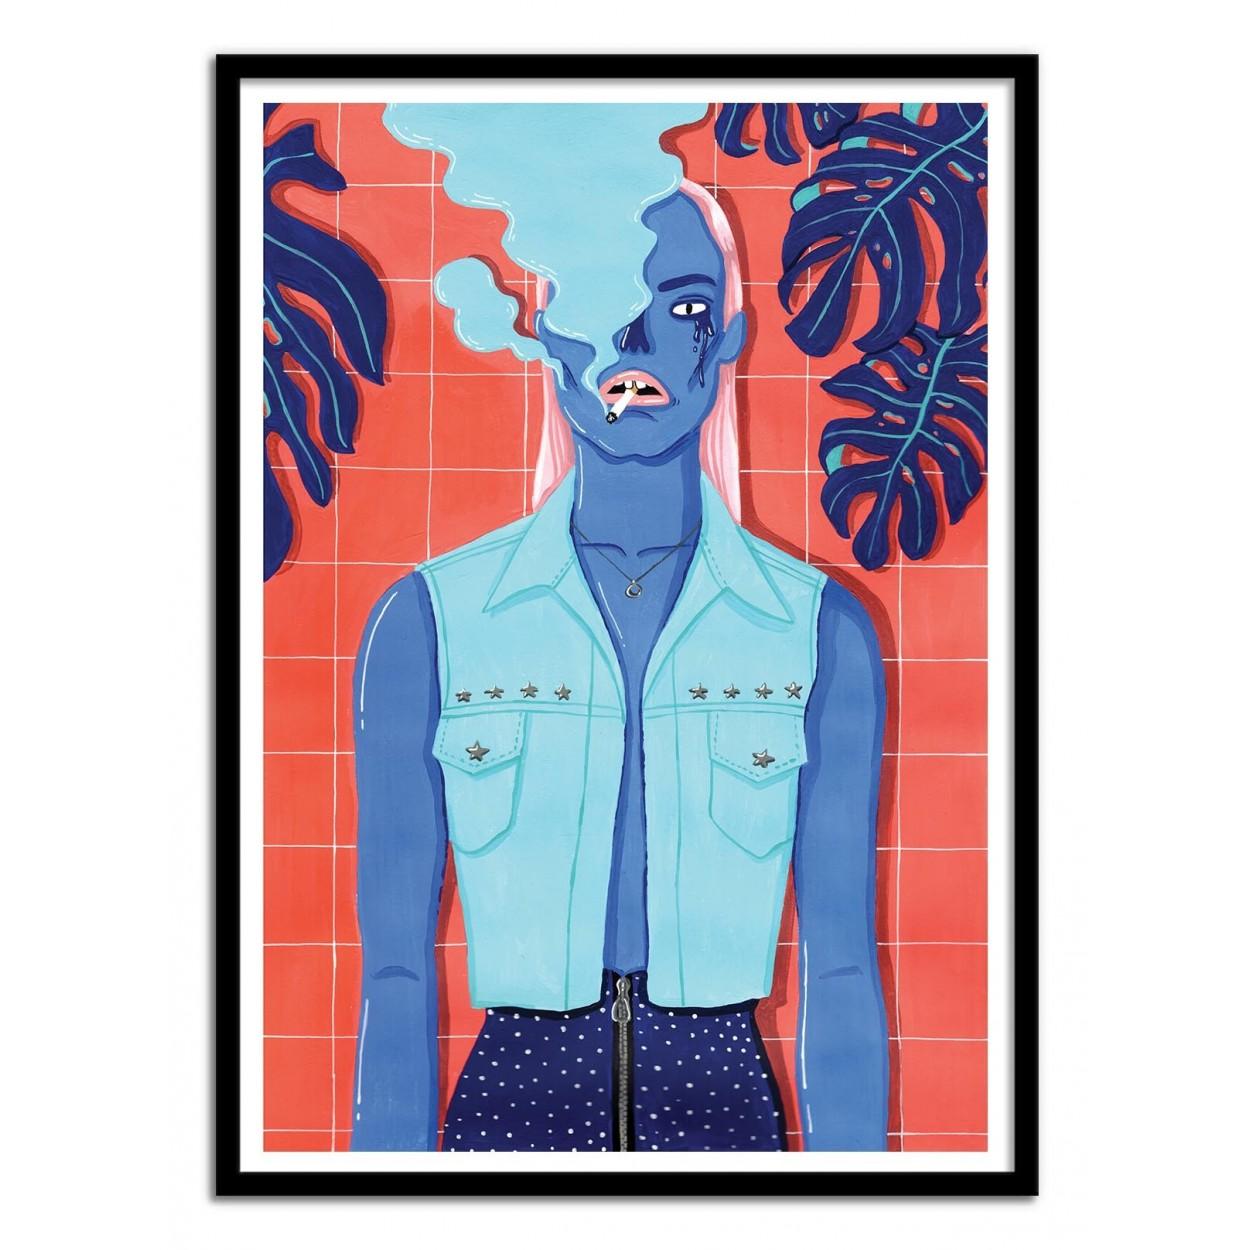 affiche d'art poster illustration street-art cartoon portrait hipster